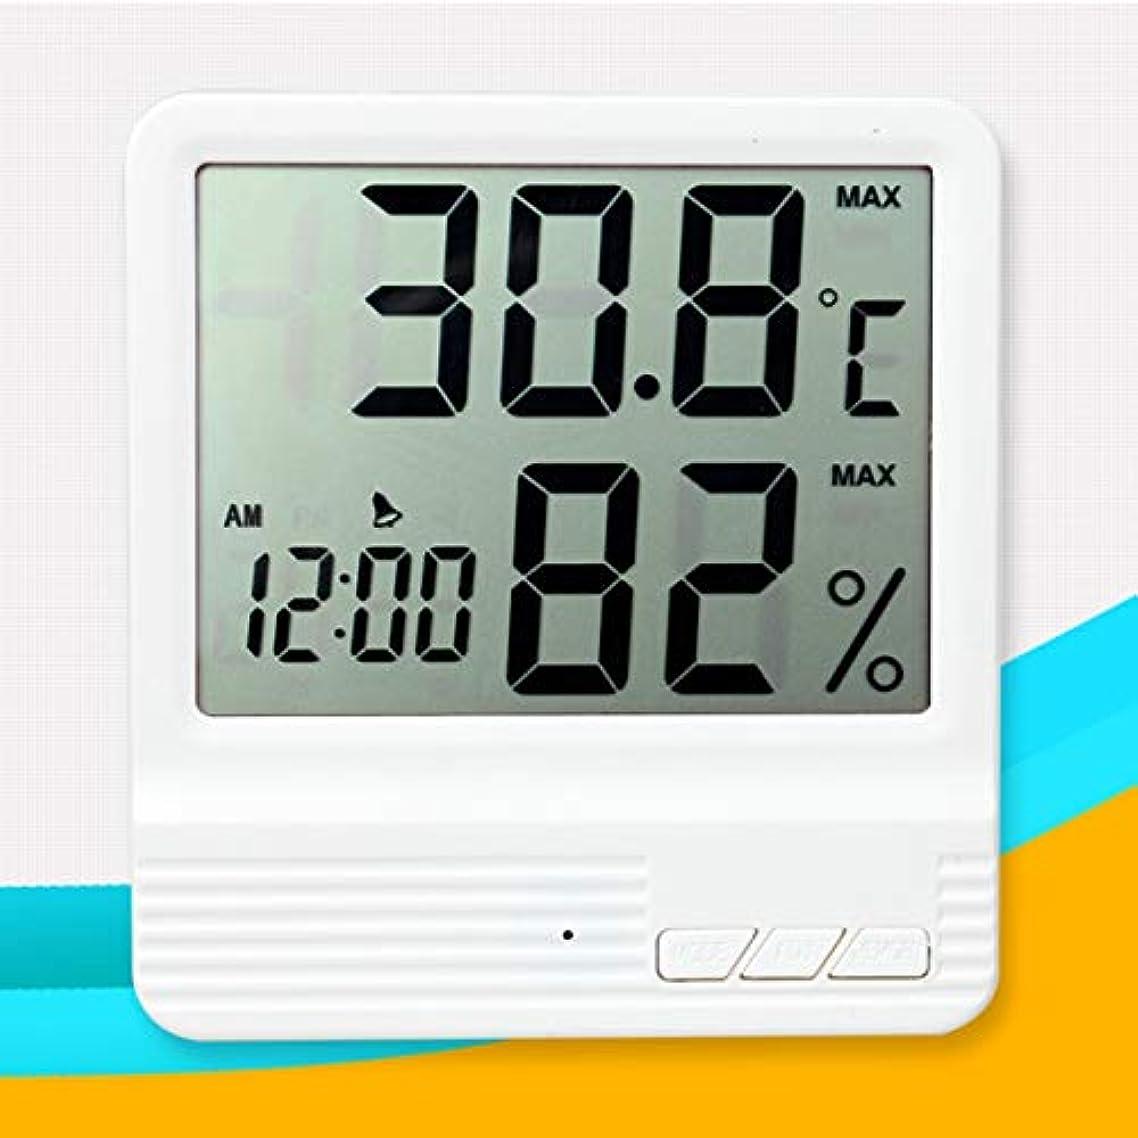 交響曲キュービック固体Saikogoods 電子体温計湿度計 デジタルディスプレイ 温度湿度モニター アラーム時計 屋内家庭用 白